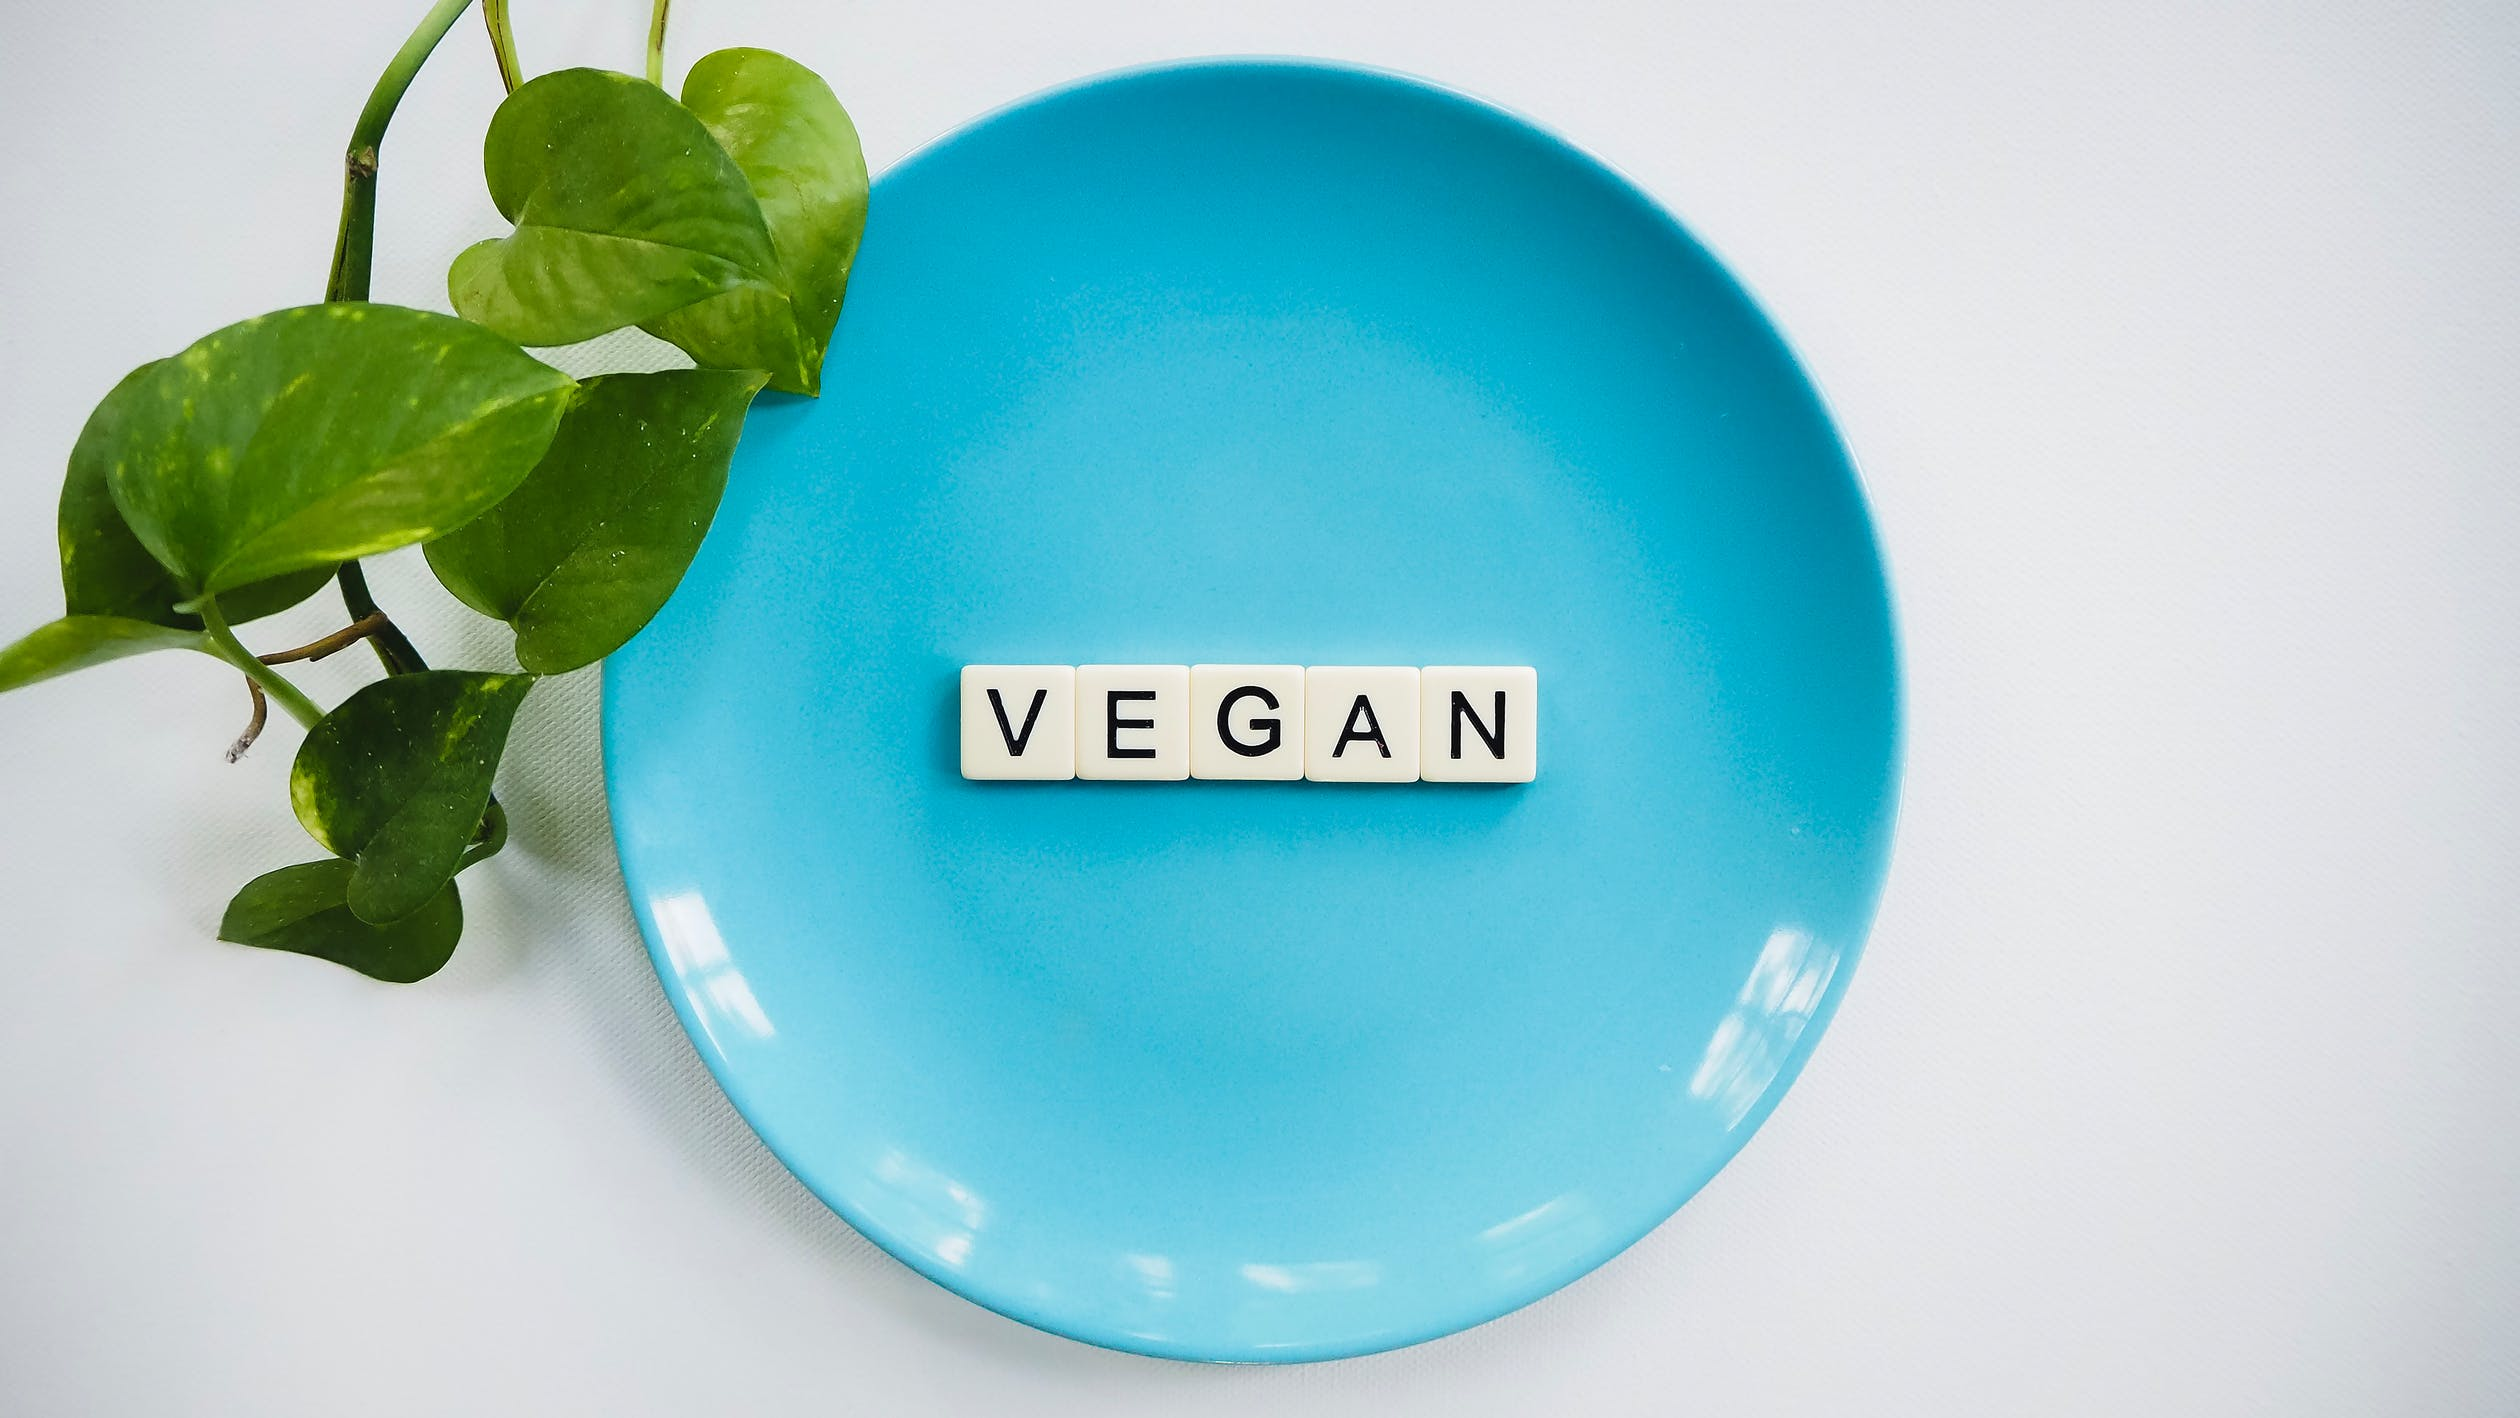 Veganské stravování a jeho možnosti